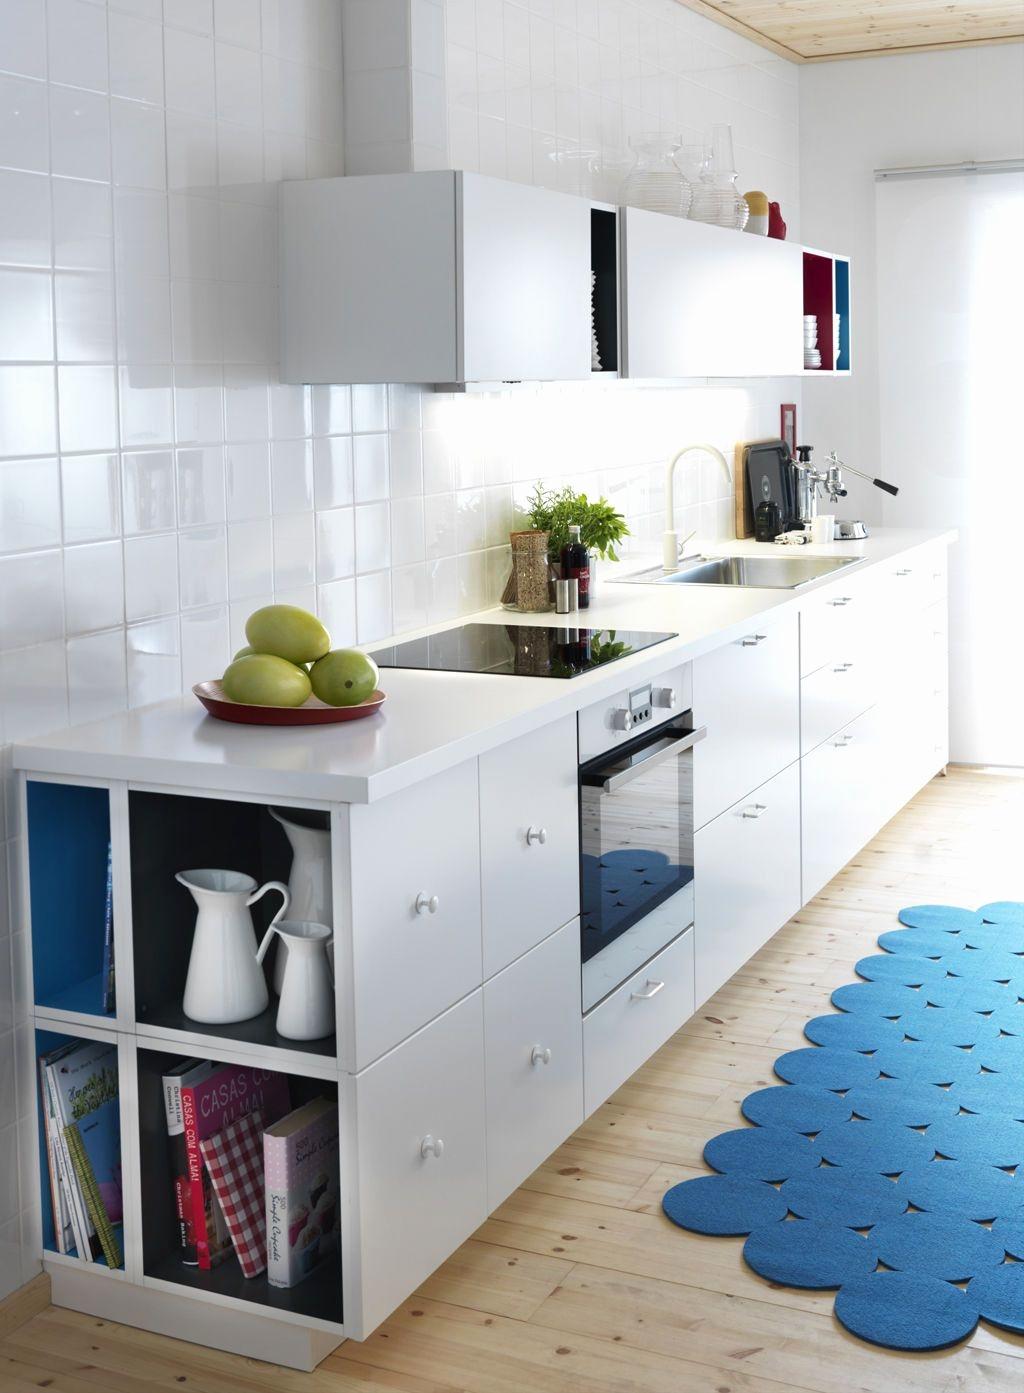 Ikea Cuisine Ringhult Beau Photographie 41 Nouveau S De Cuisine Ringhult Blanc